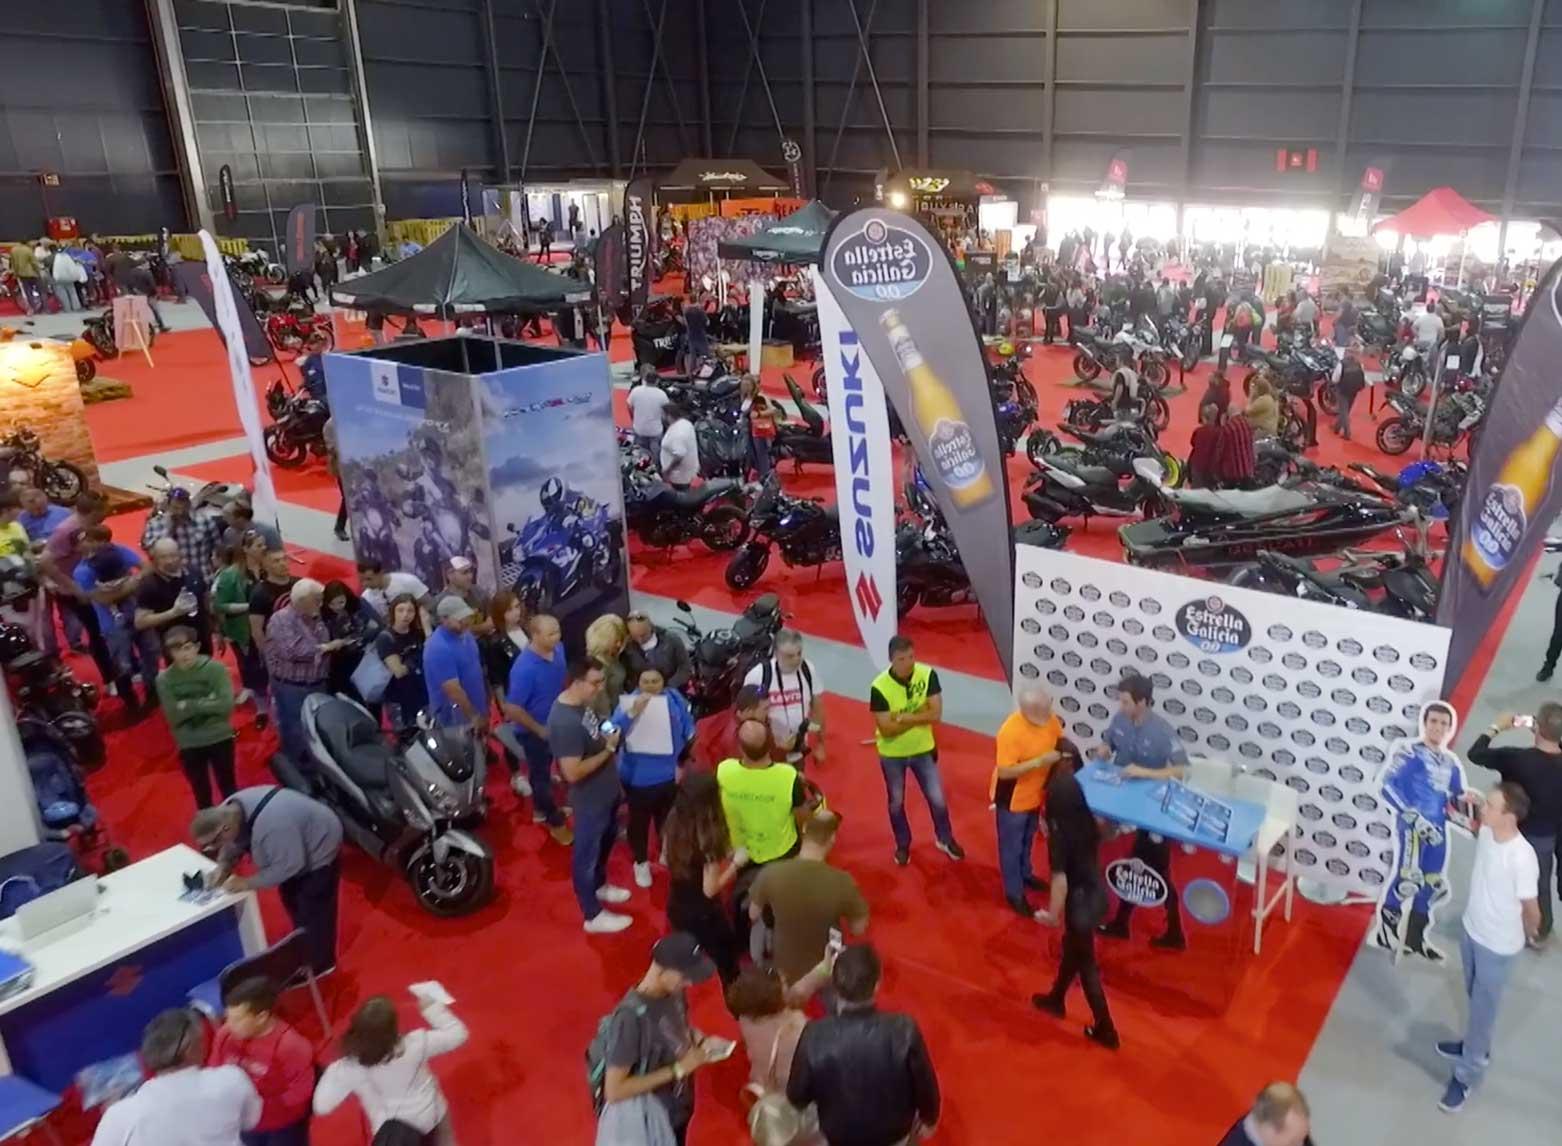 Salón de la moto de Gijón Motoweekend, en España